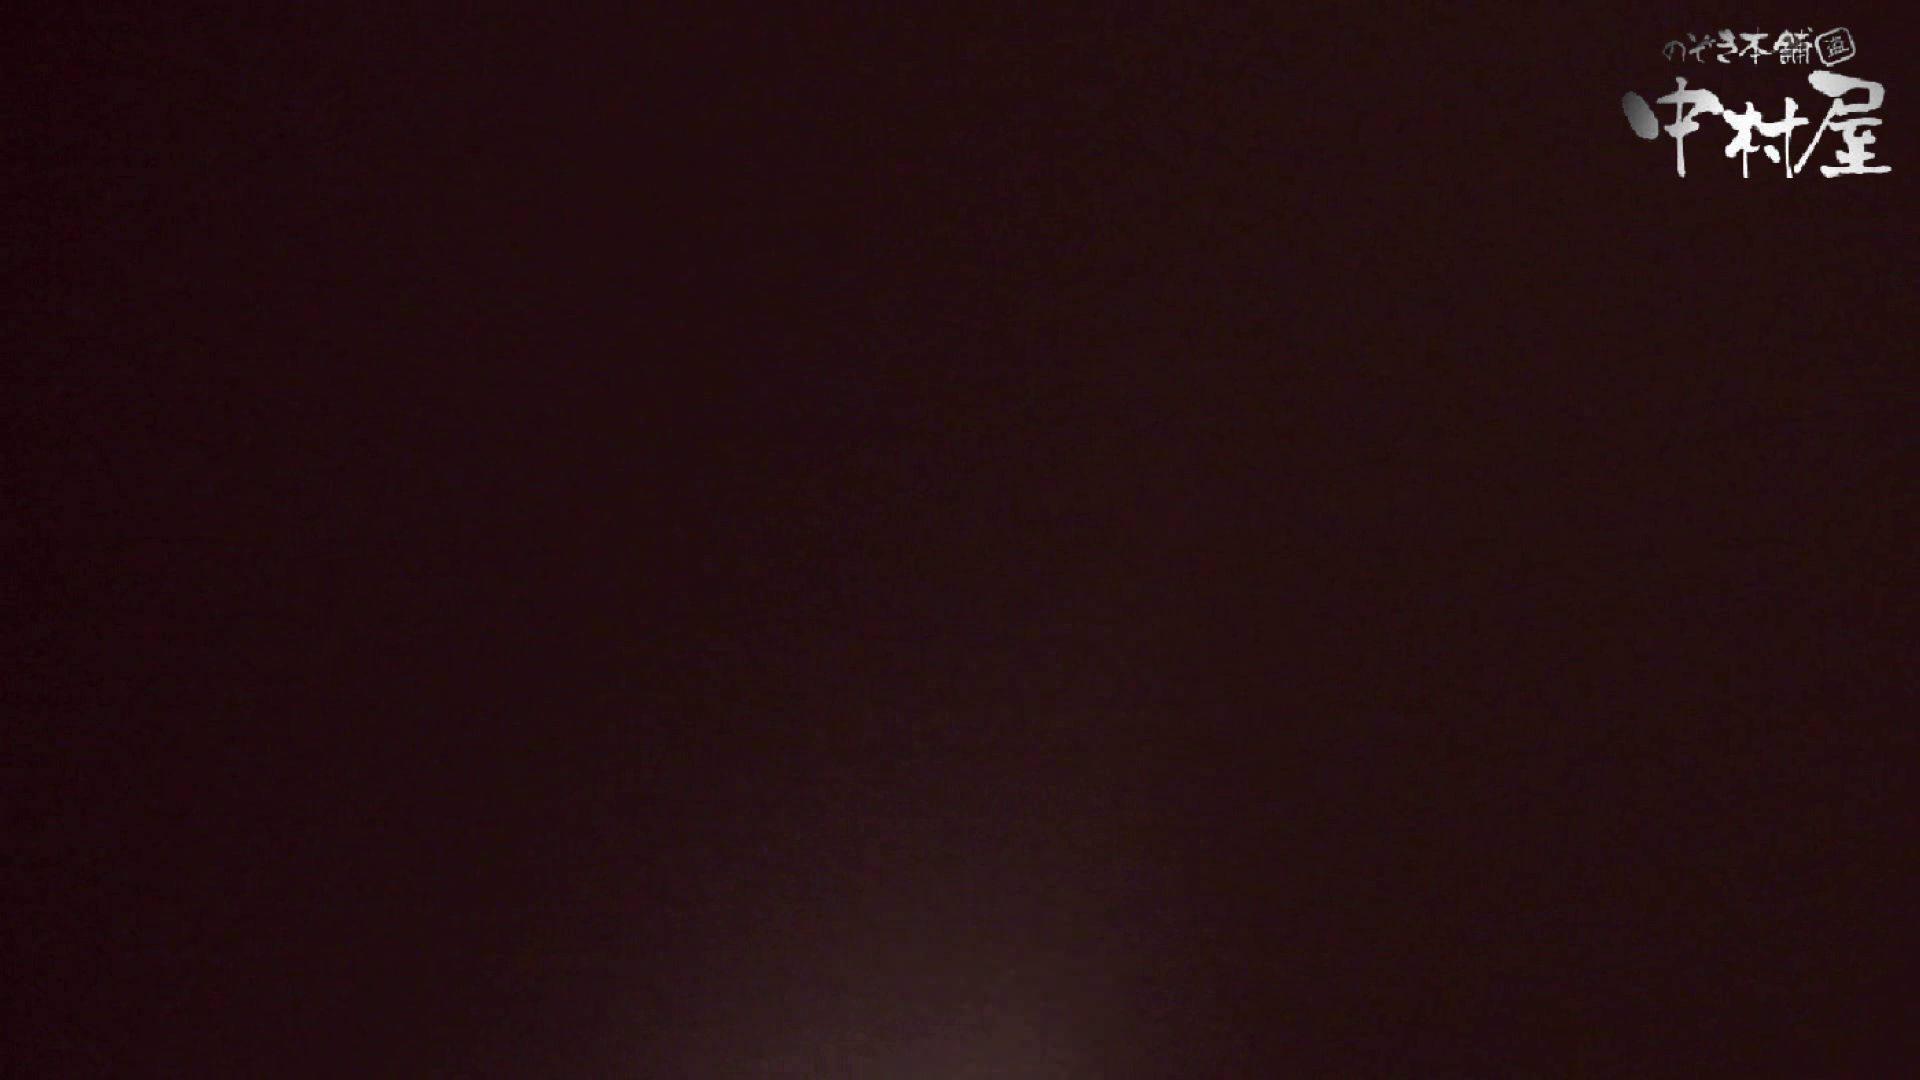 【世界の射窓から】世界の射窓から vol.6 洗面所編  81PIX 16